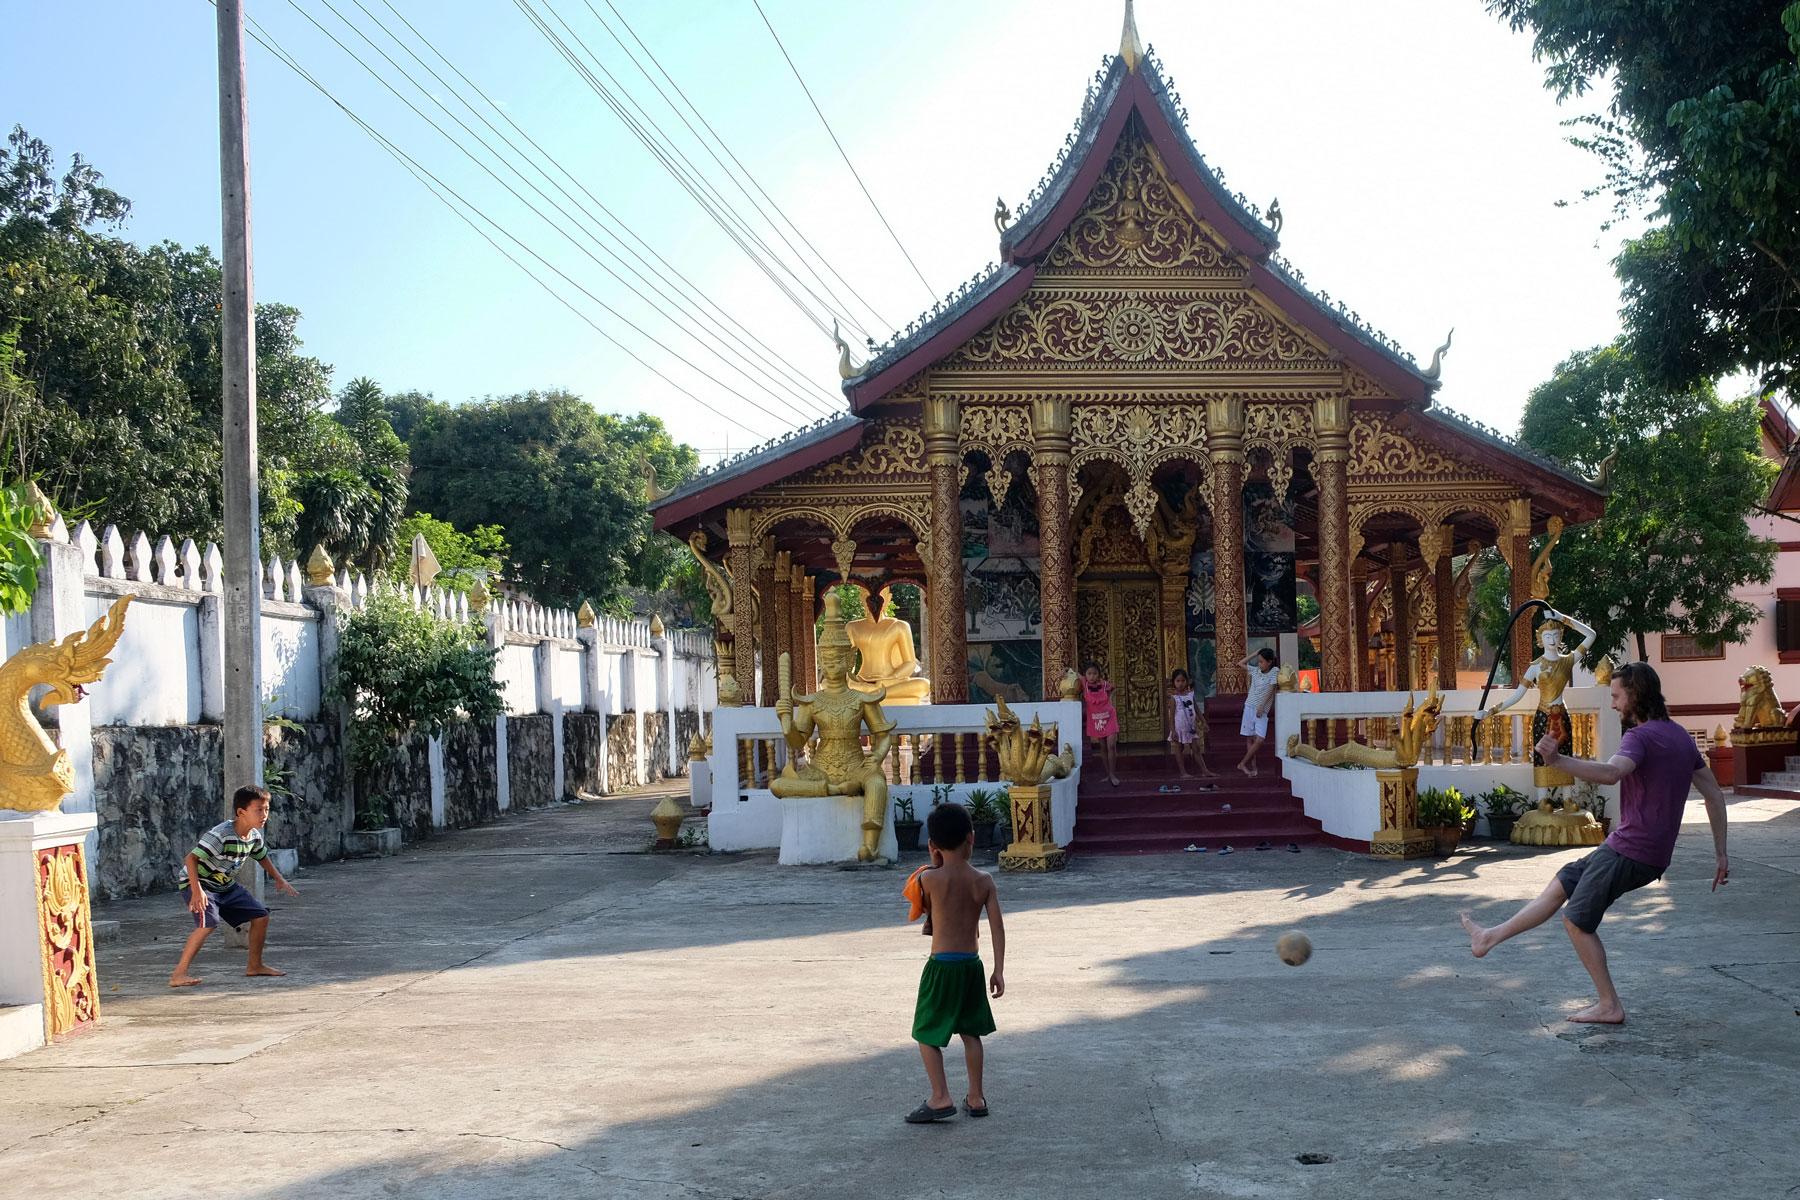 Sebastian spielt vor einem laotischen Tempel mit Kindern Fußball.